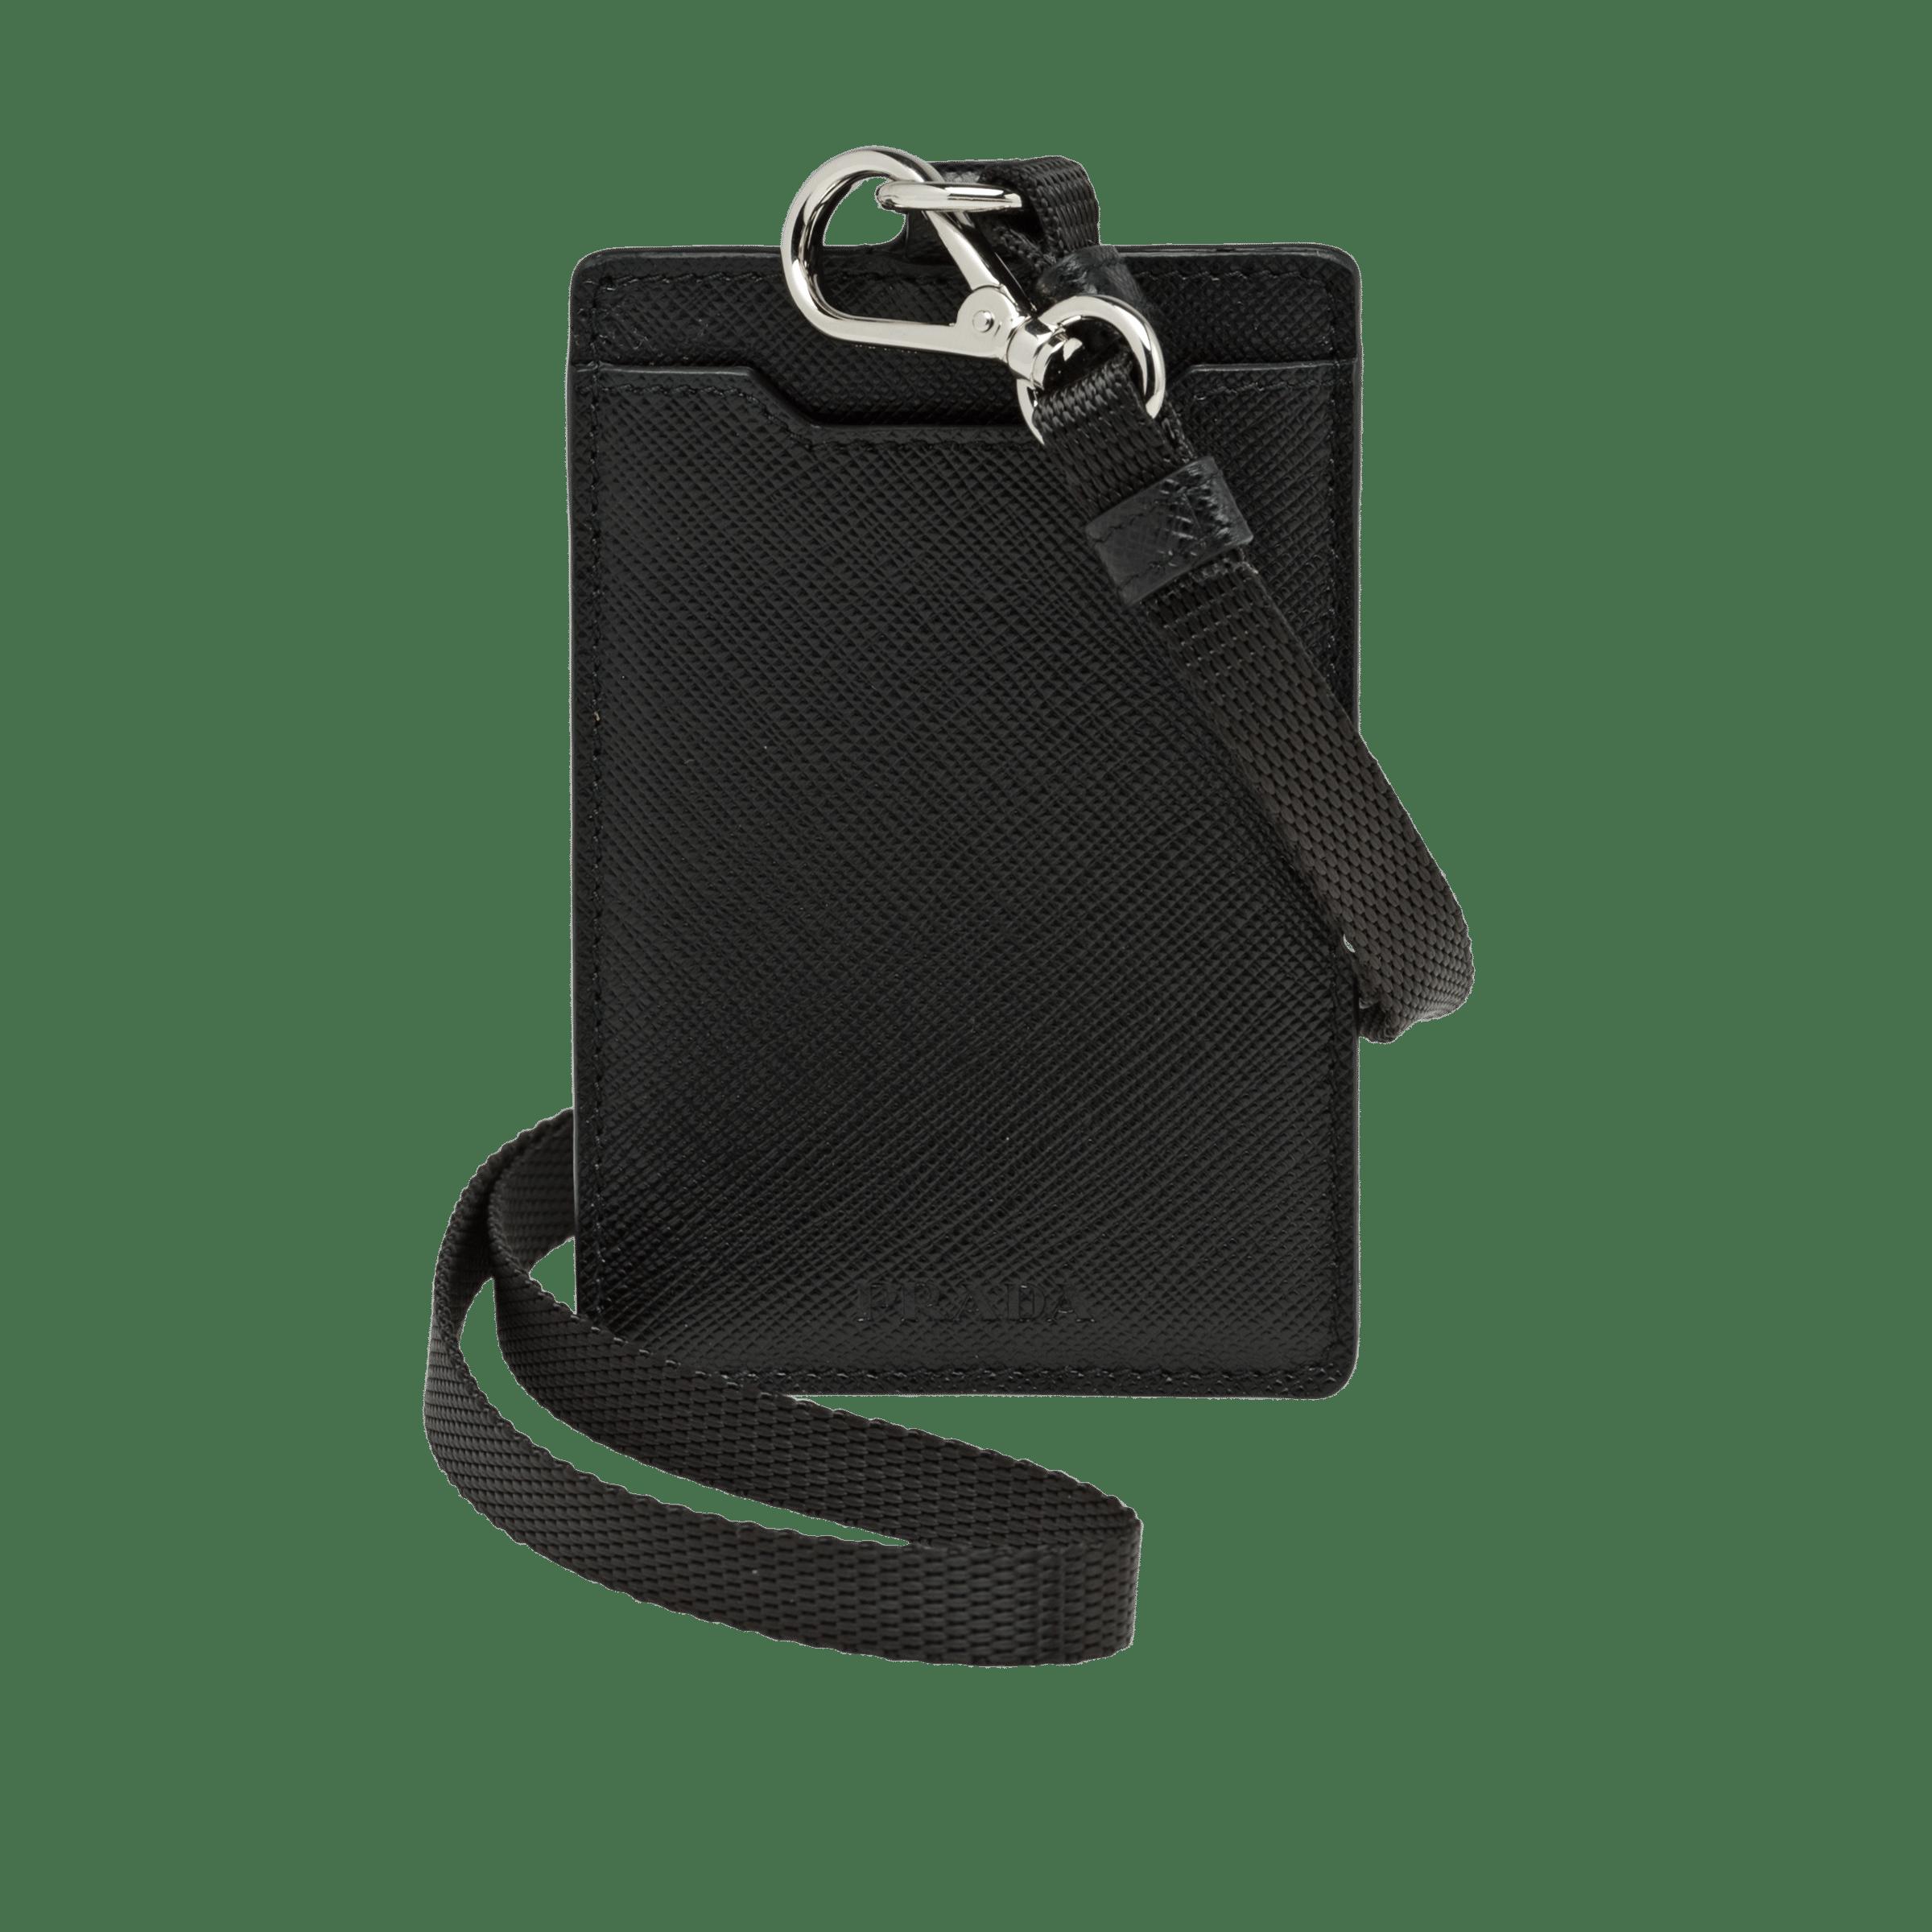 487a56bcaf Saffiano Leather Badge Holder BLACK Prada | I.D. Holder | Badge ...